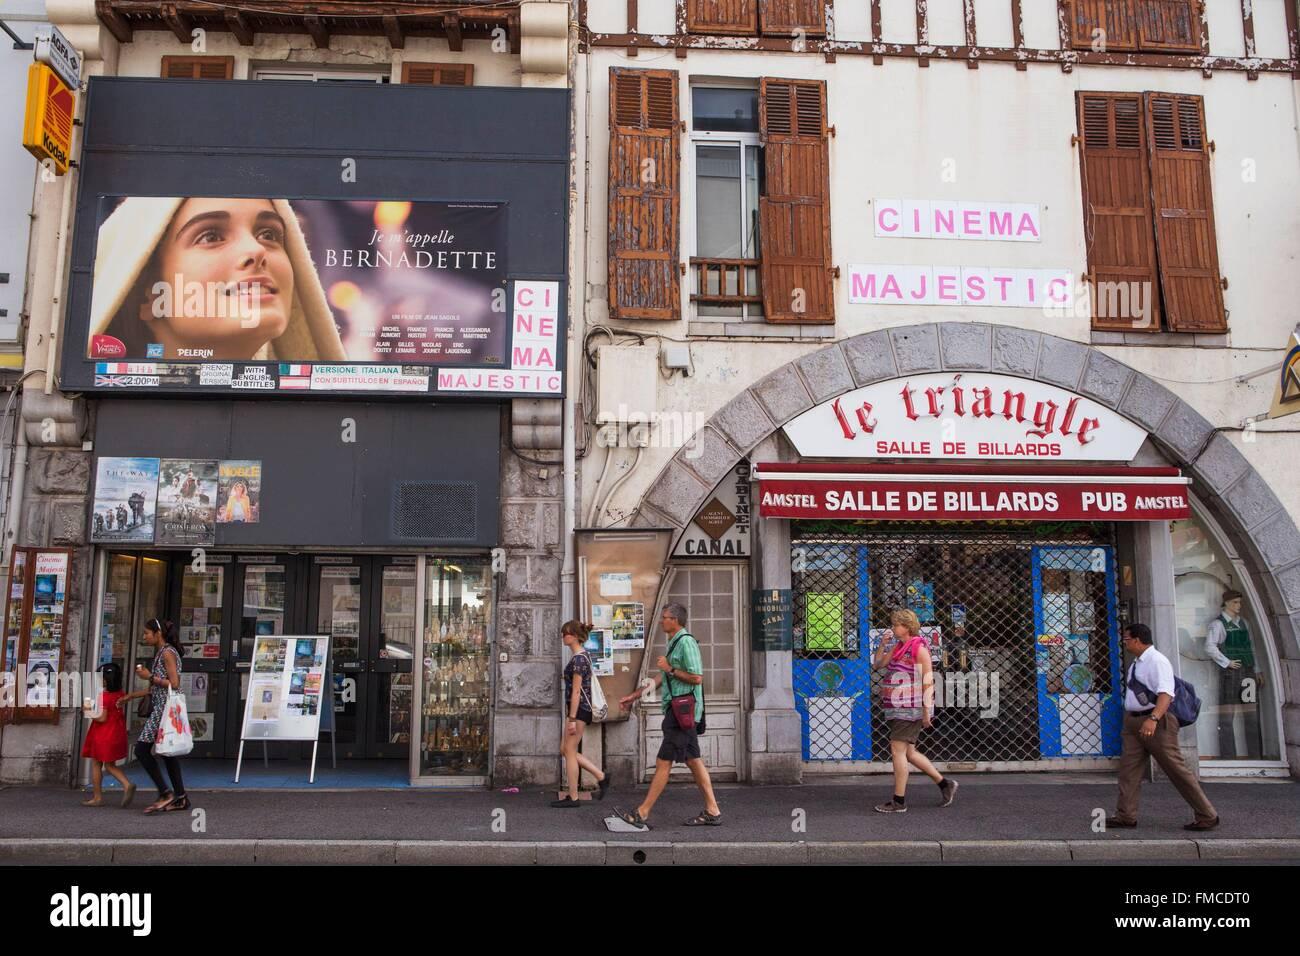 Francia, Hautes Pirineos, Lourdes, el majestuoso cine proyectos cada día una película sobre Bernadette Imagen De Stock